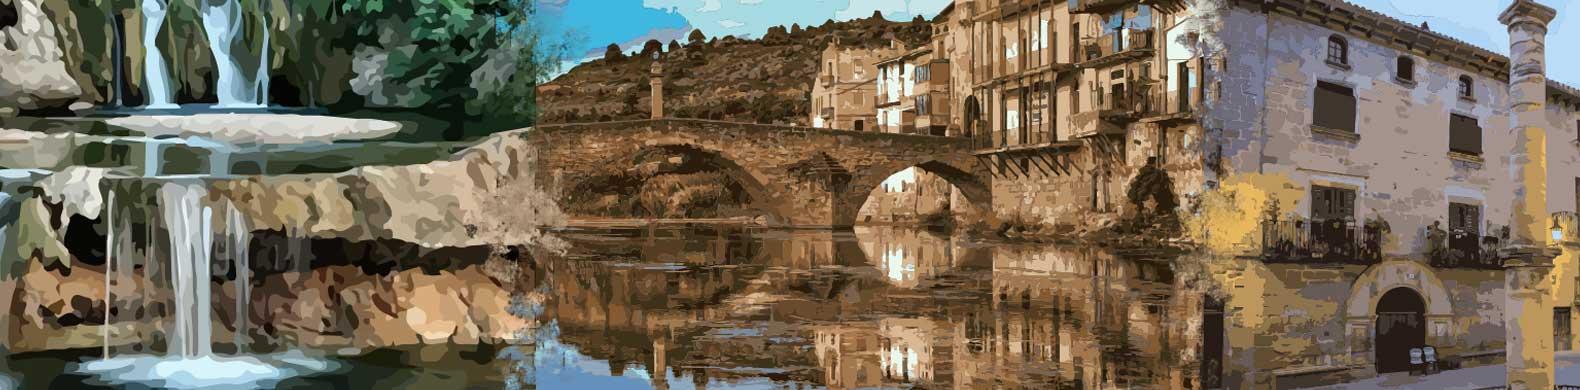 Matarraña turismo, Toscana española en Teruel